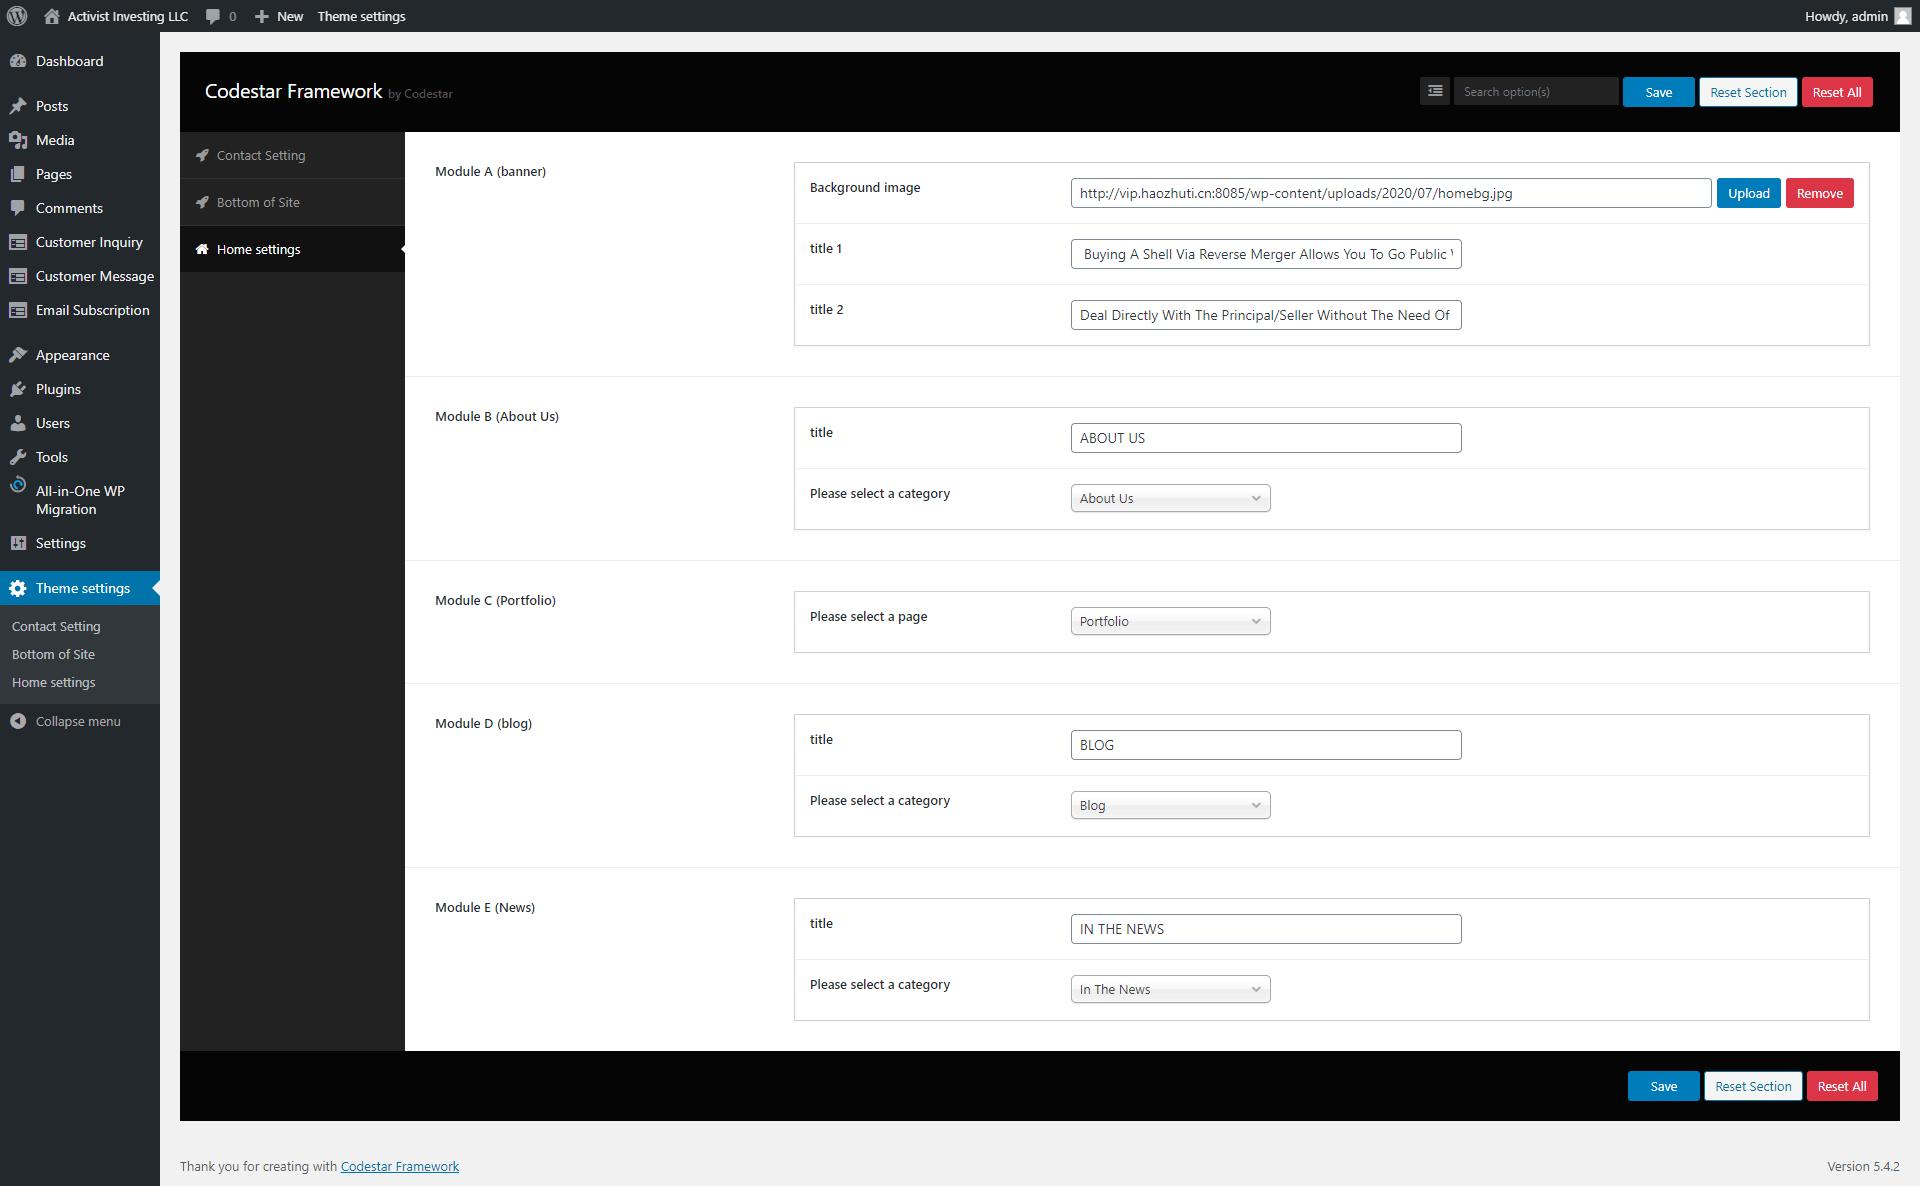 英文网站后台设置